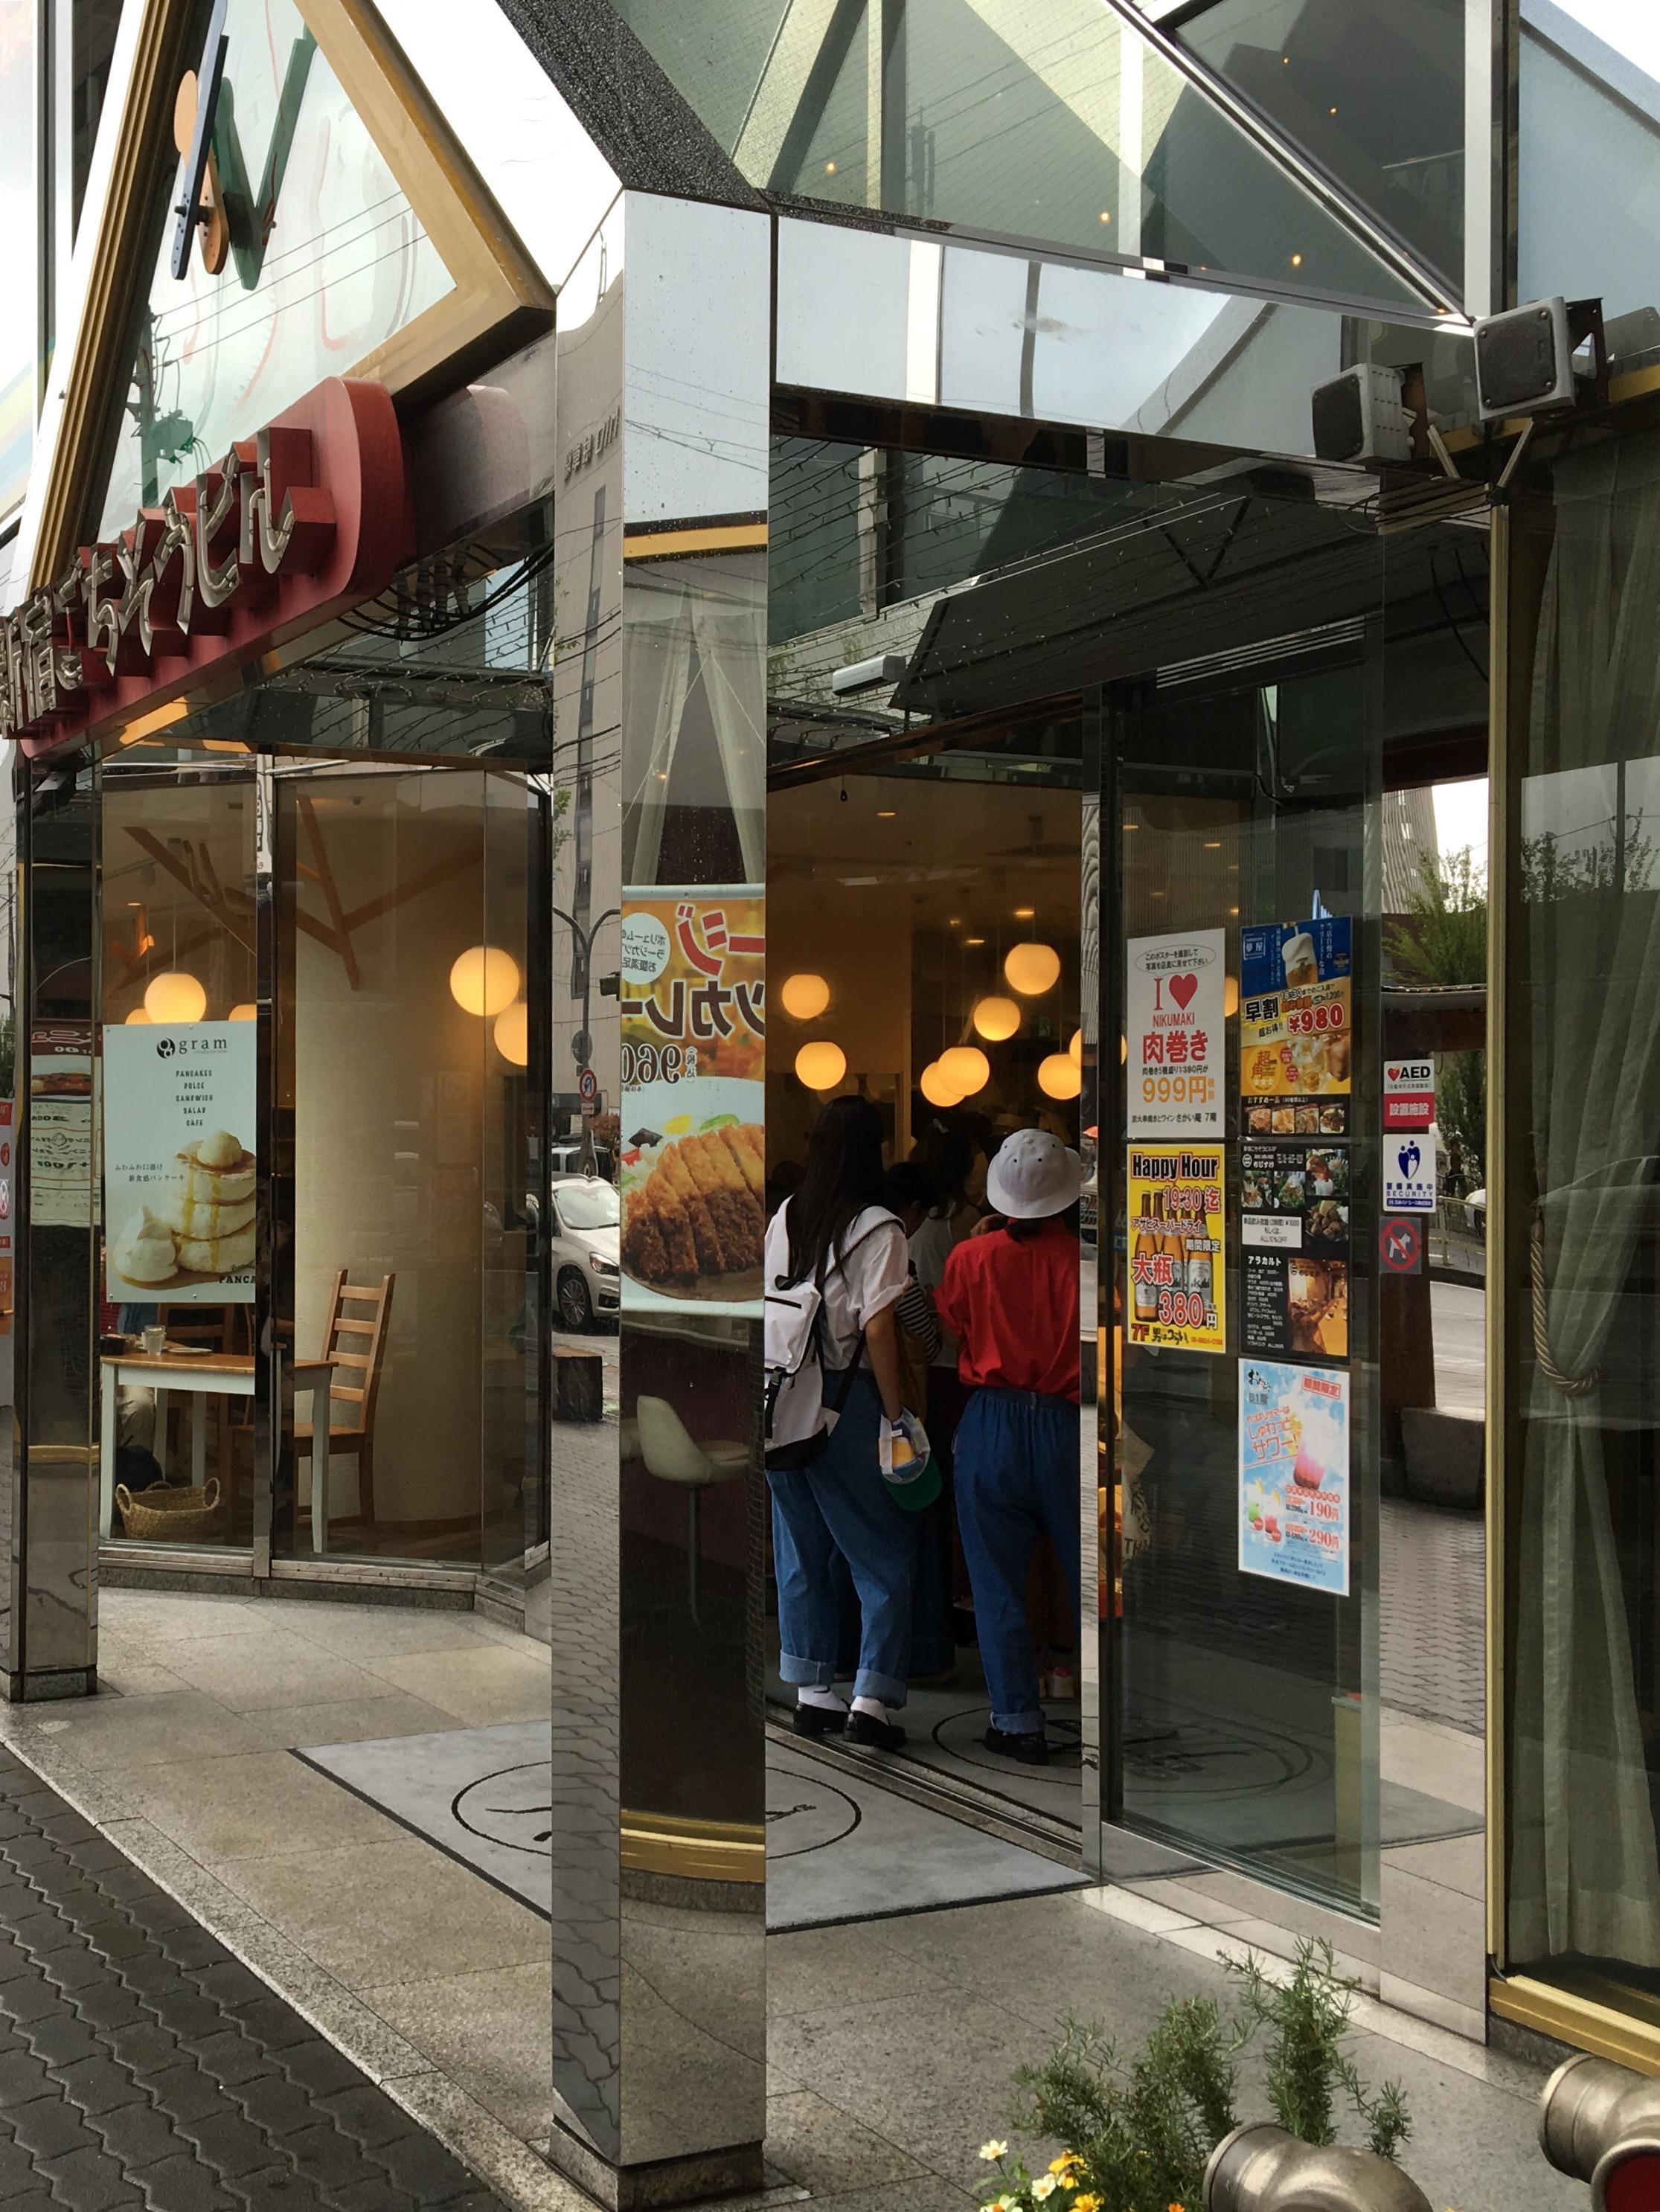 天王寺の新宿ごちそうビルでgramのパンケーキ